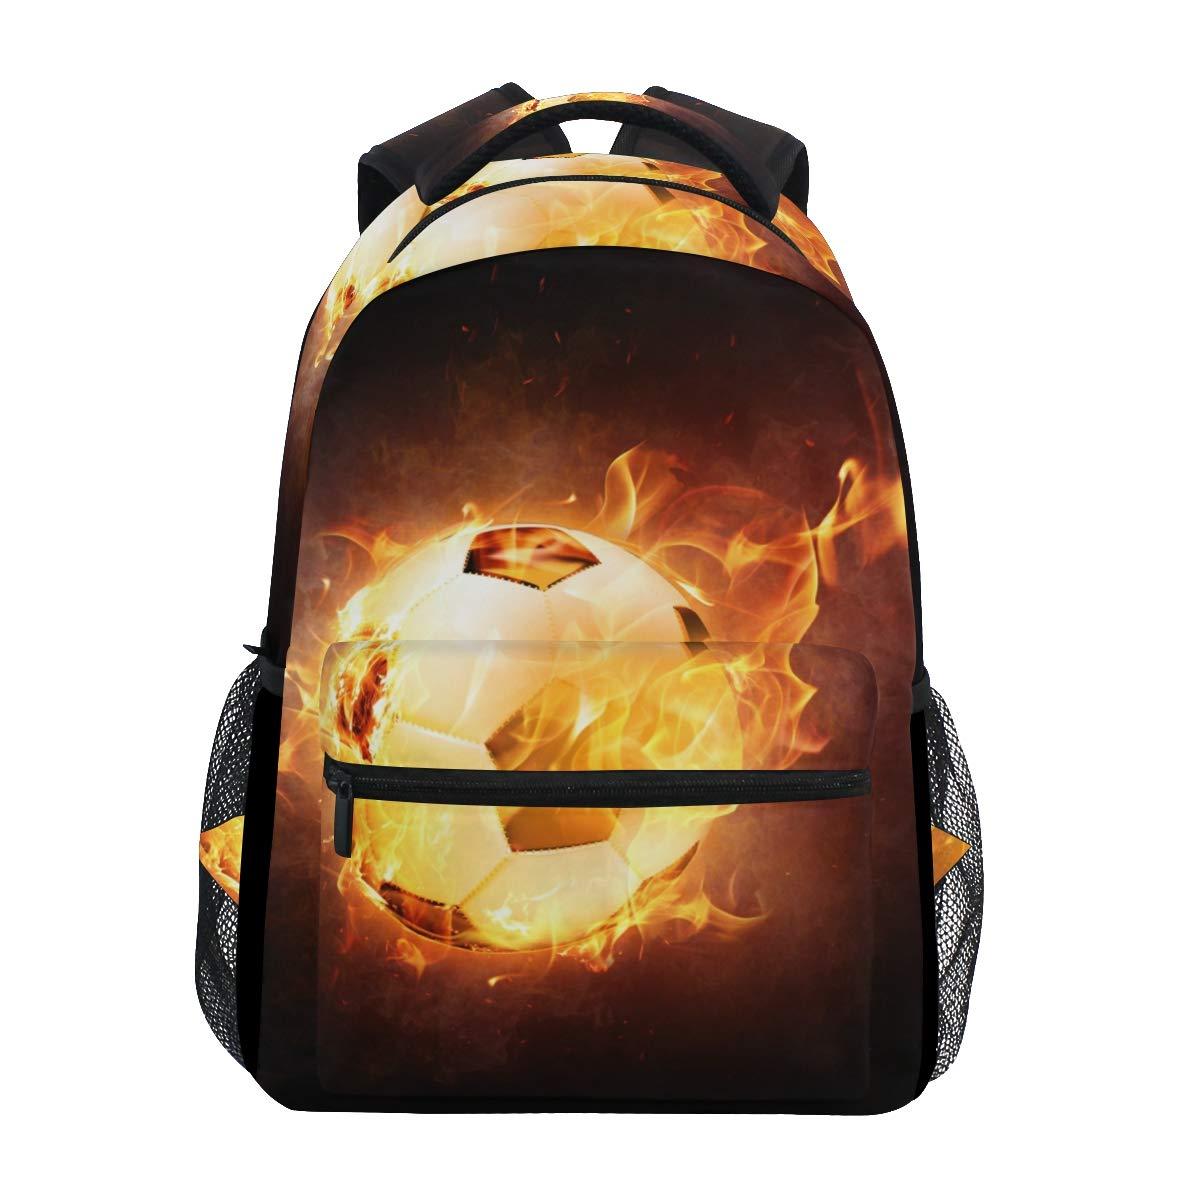 ファッションスクールバックパック ガールズ ボーイズ カジュアルデイパック 旅行カレッジ ブックバッグ レディース&メンズ フットボール 火と水の上 炎の飛沫 雷 プリント スクールバッグ B07L3S9FSG Multicoloured 5